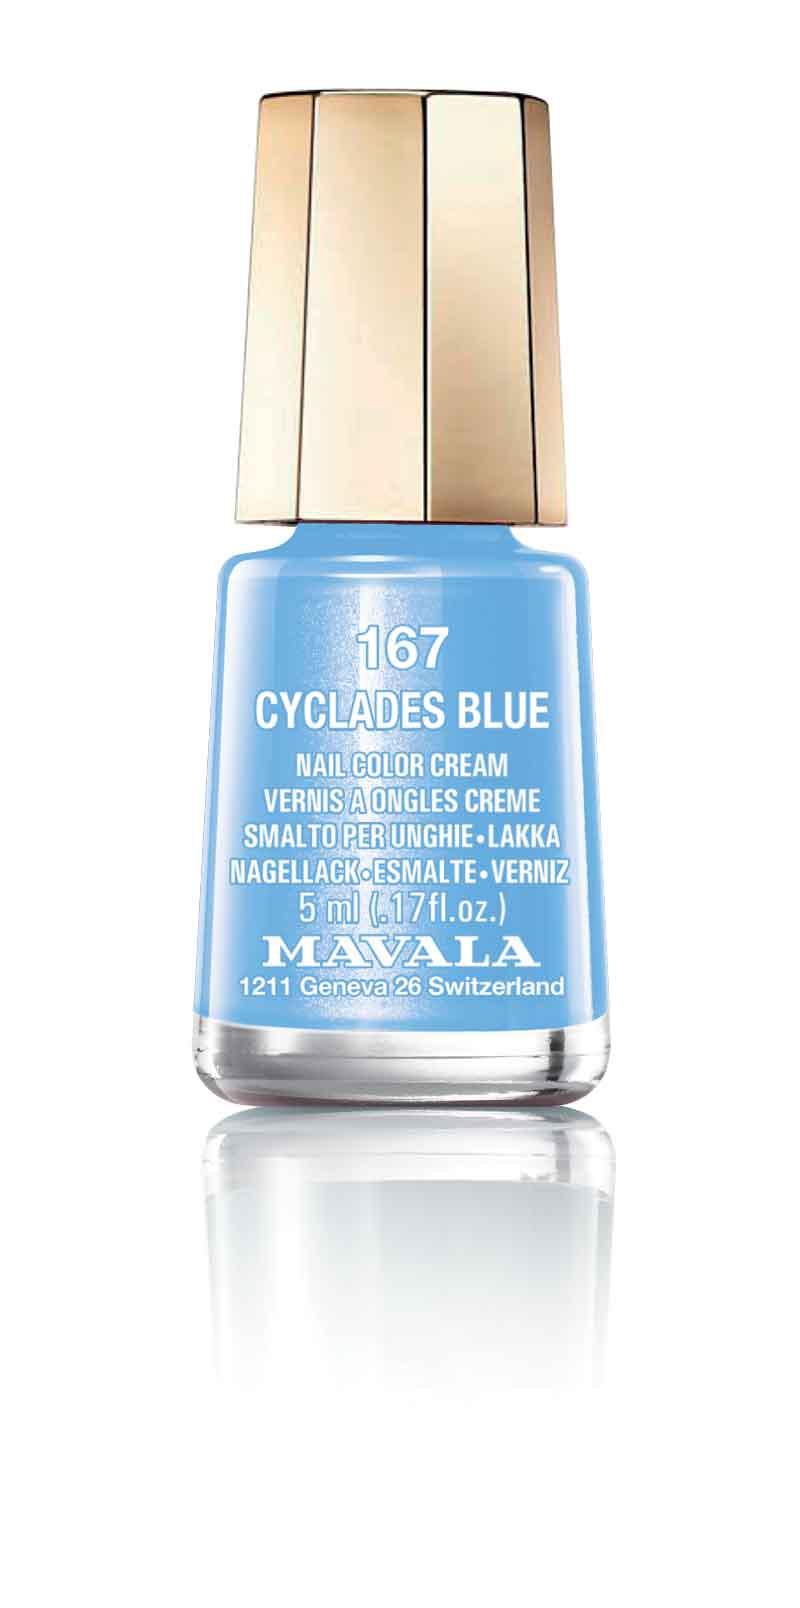 CYCLADES BLUE